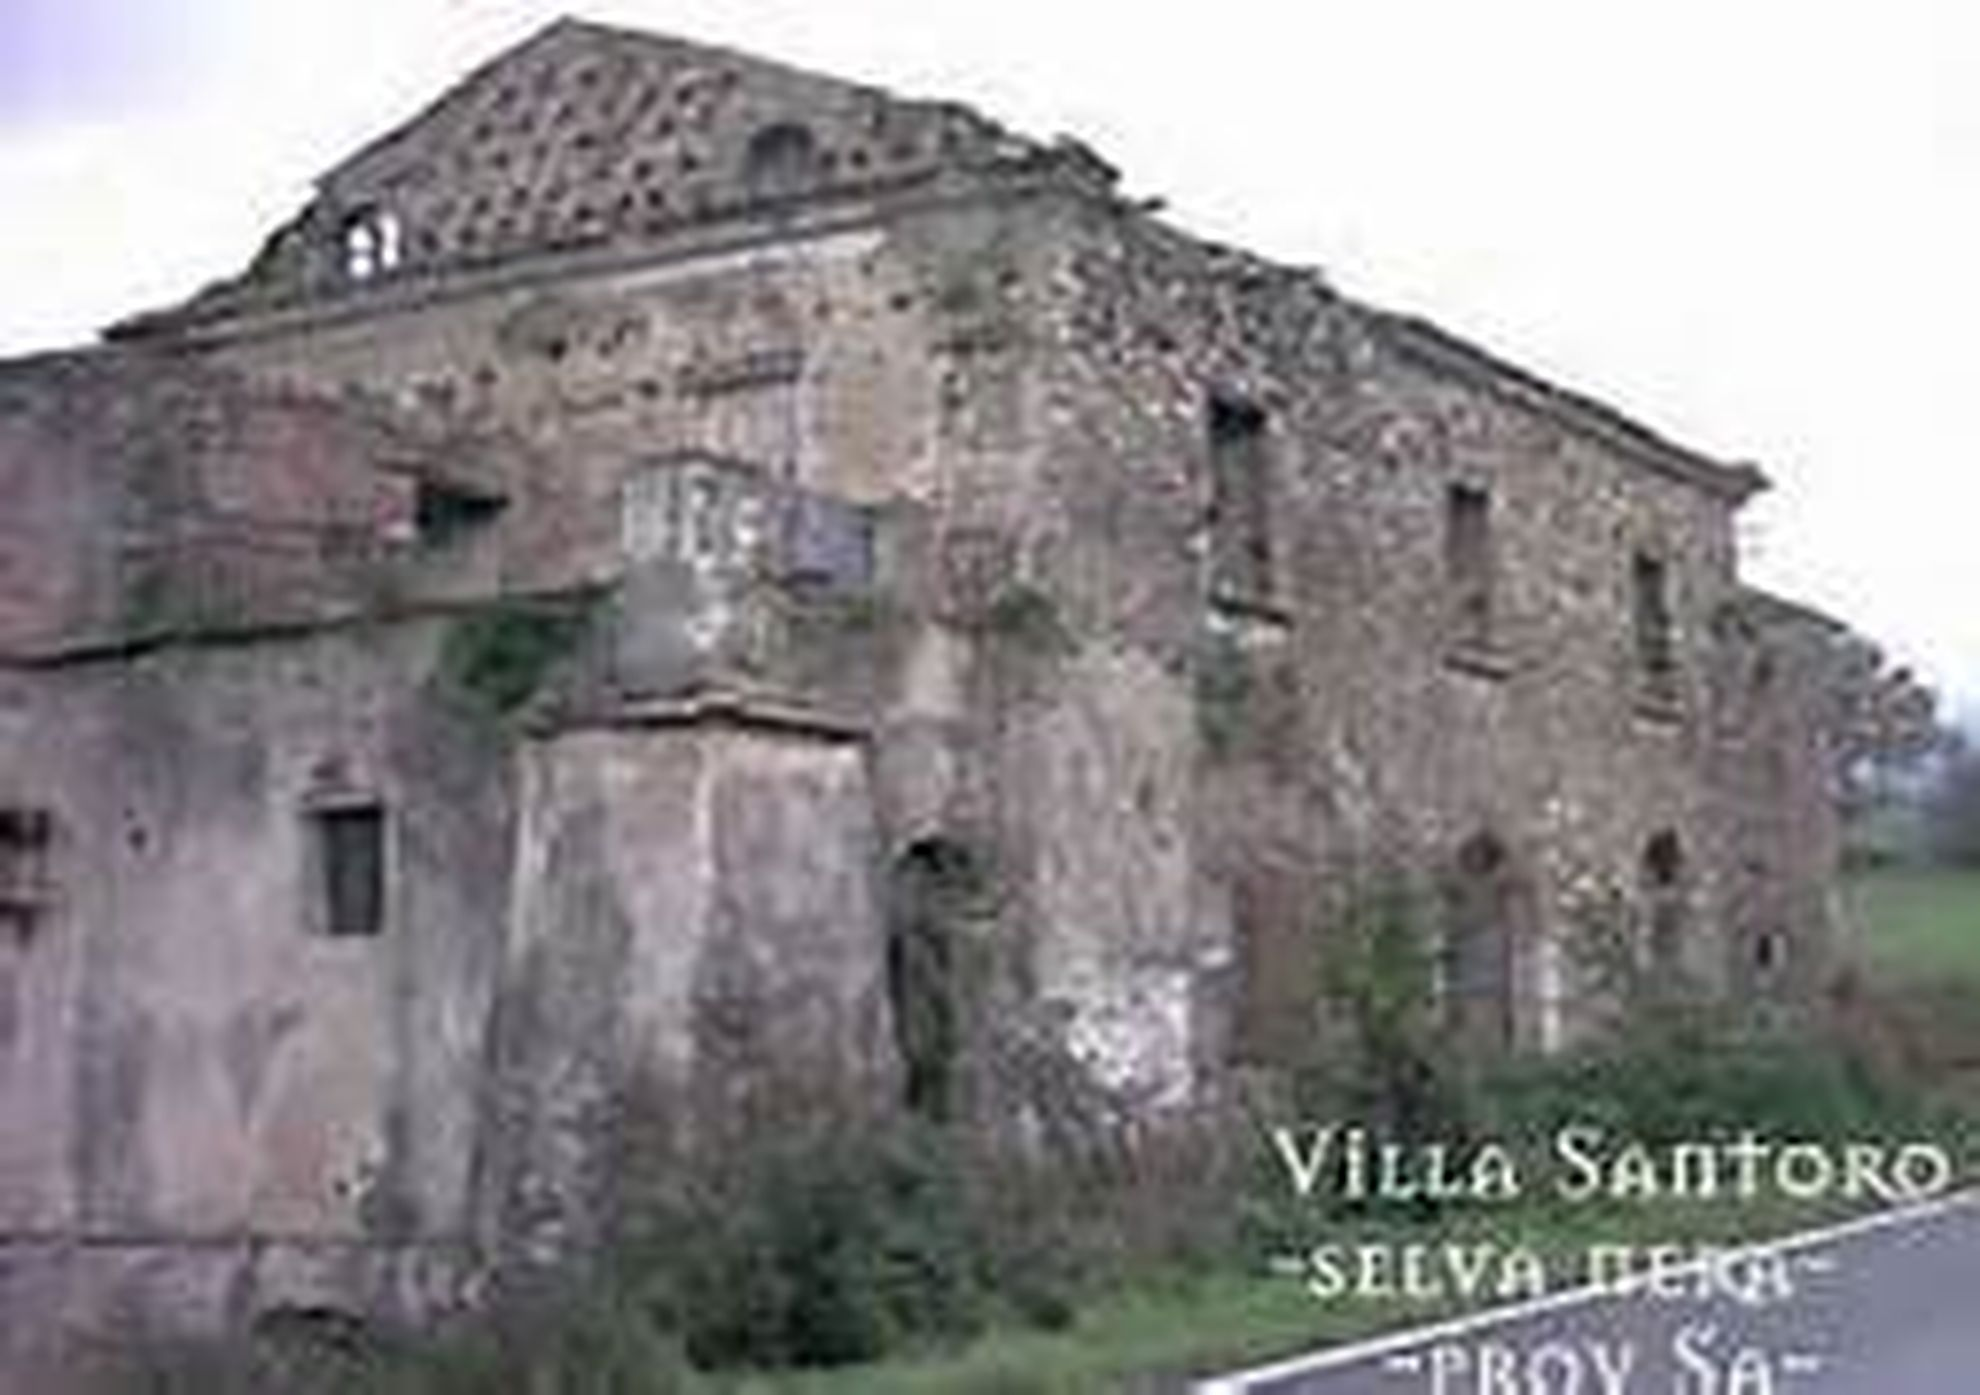 LA TERRIBILE LEGGENDA DI VILLA SANTORO